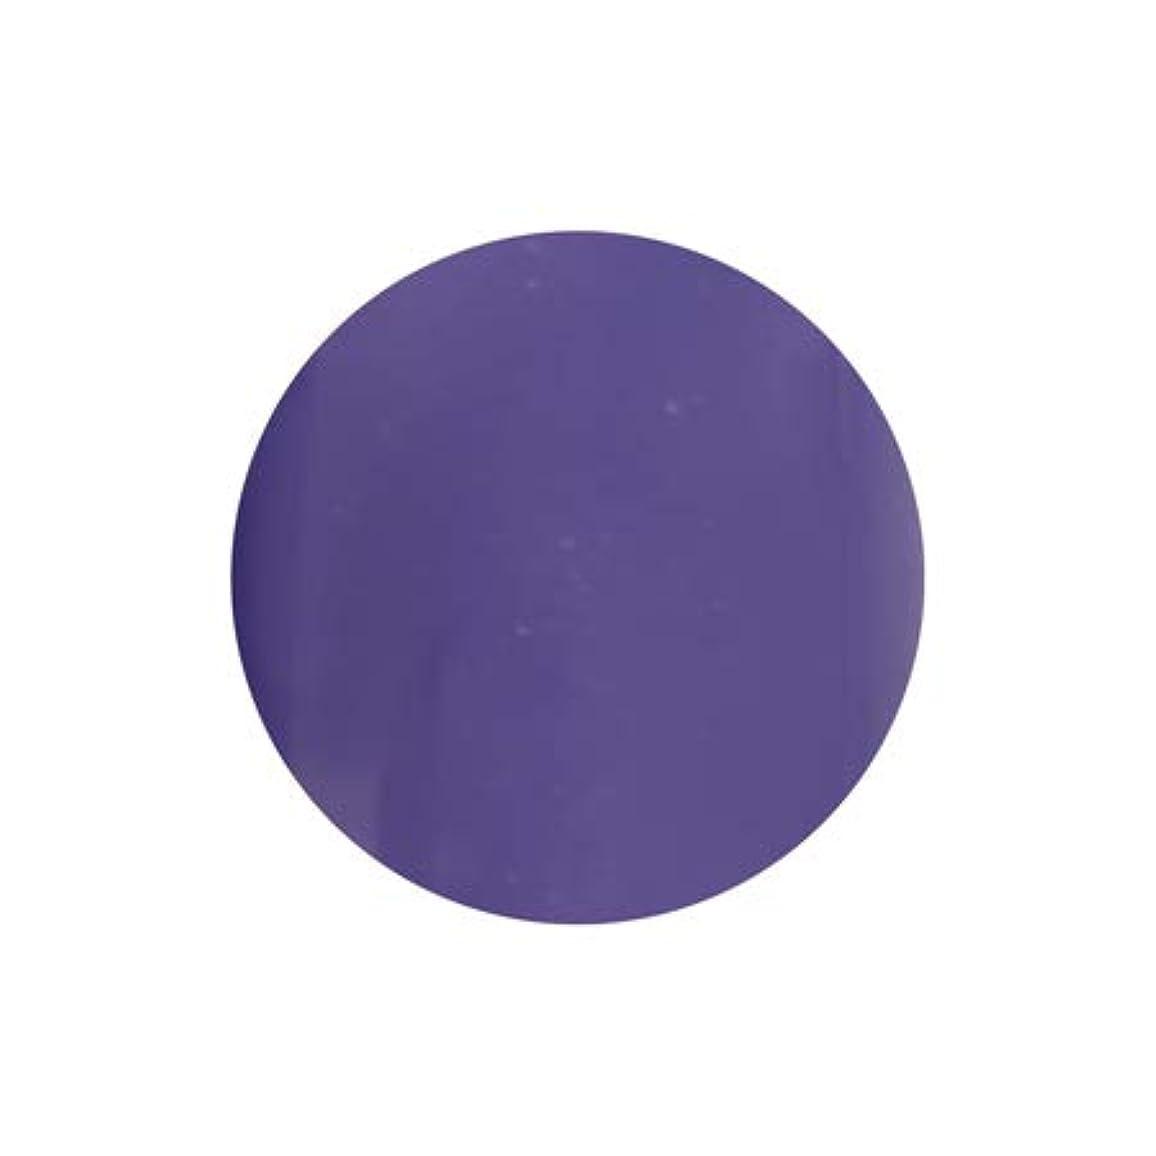 ソケットスピーカーメインT-GEL COLLECTION カラージェル D228 シフォンバイオレット 4ml